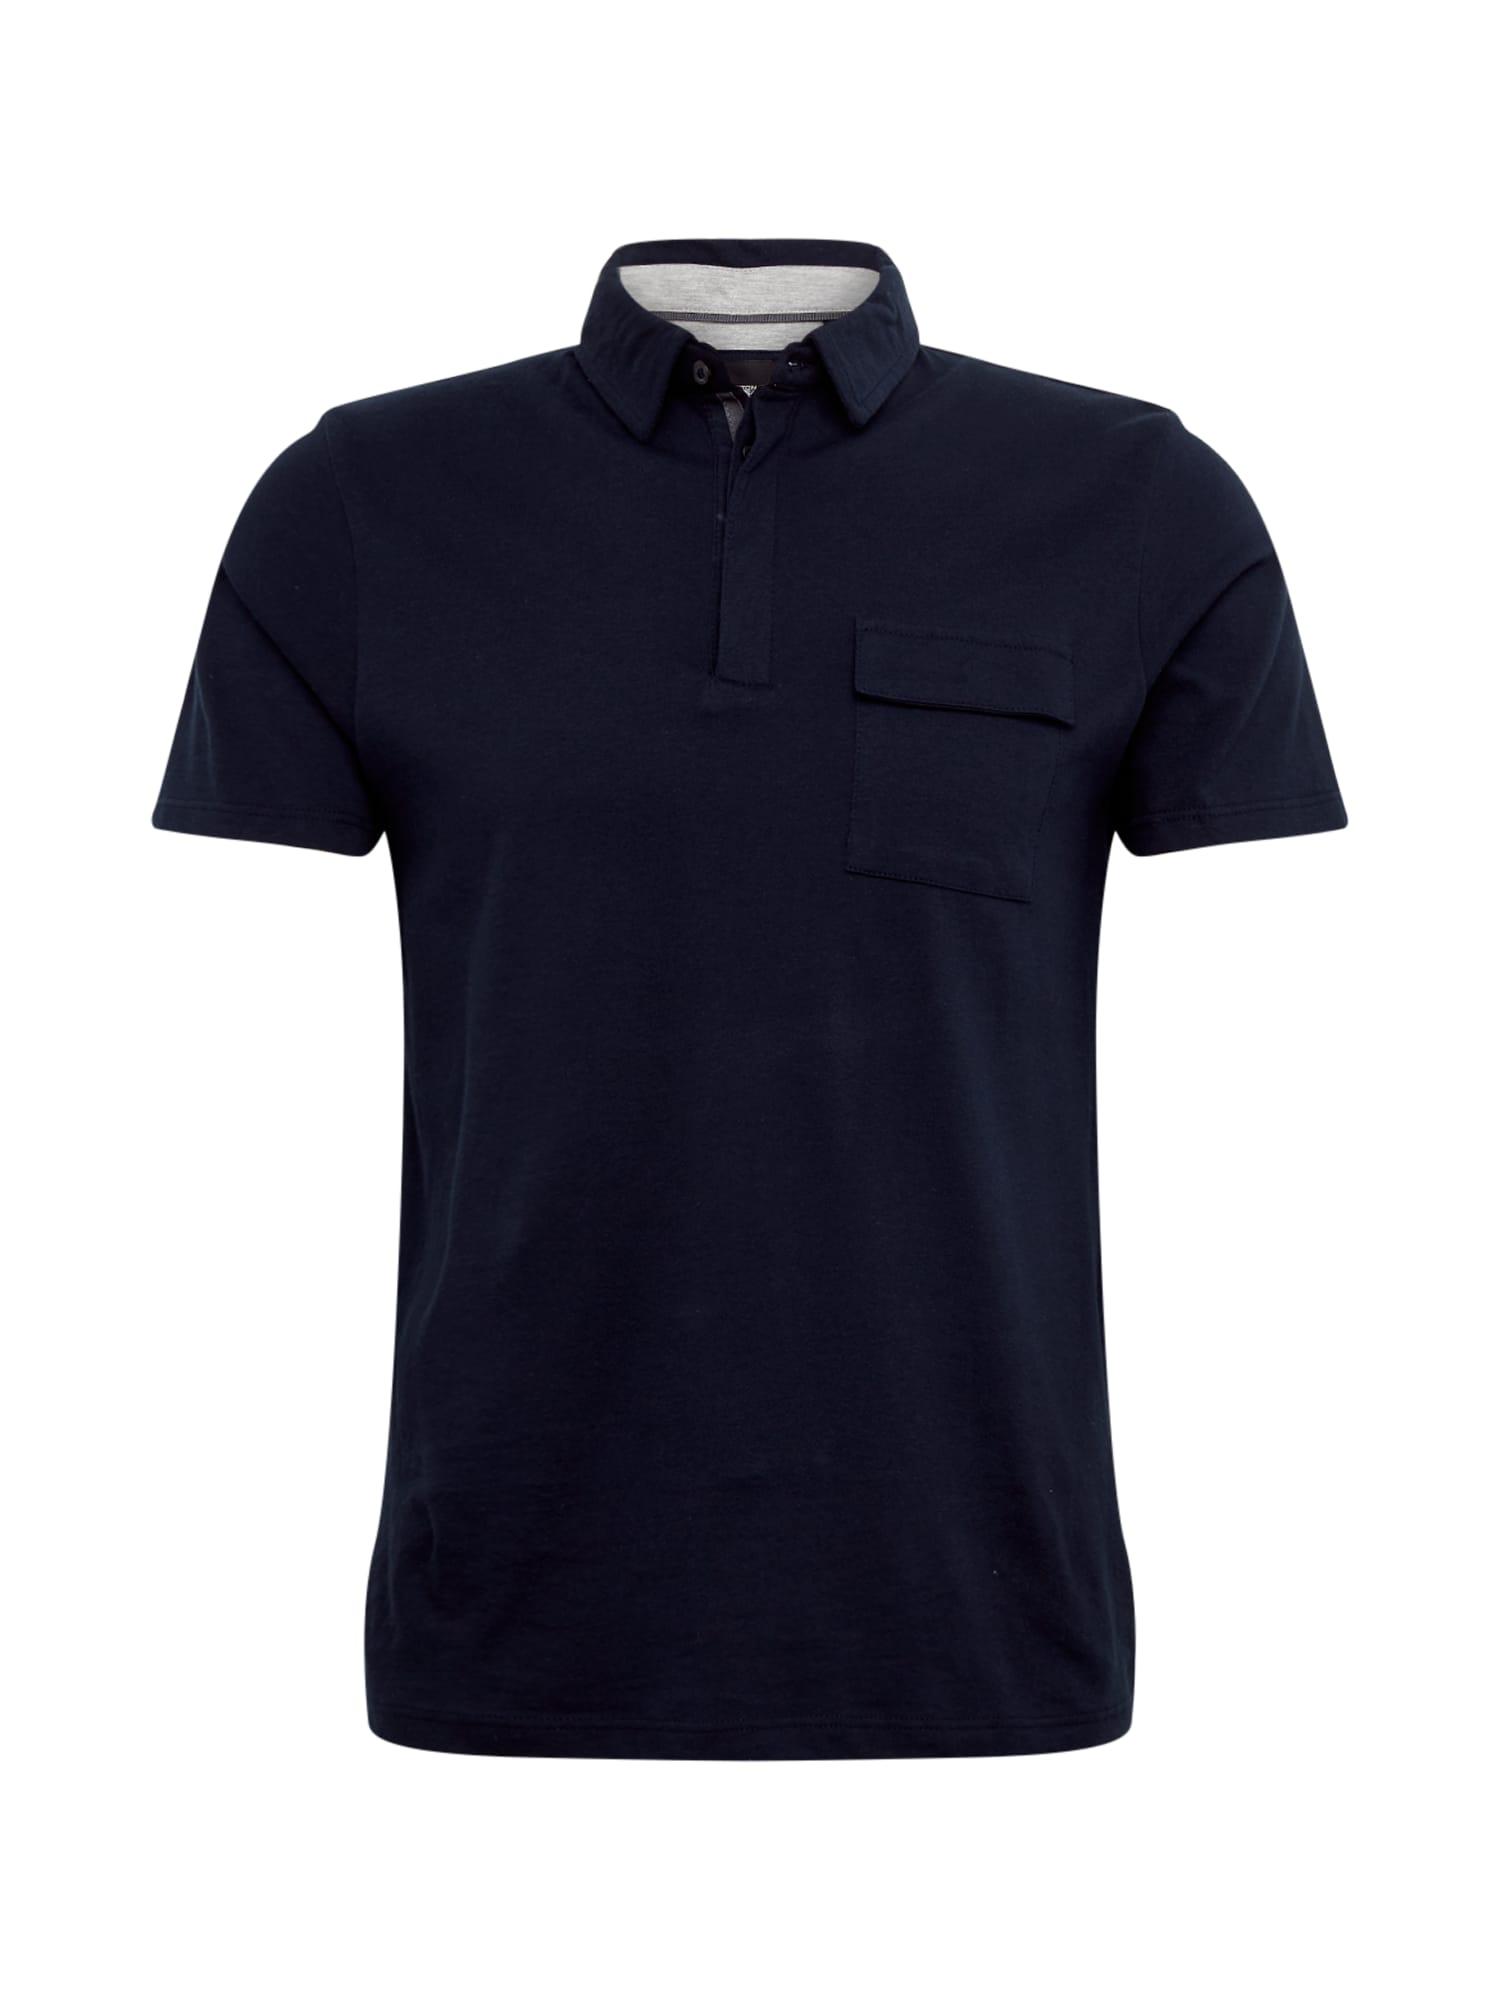 BURTON MENSWEAR LONDON Marškinėliai tamsiai mėlyna